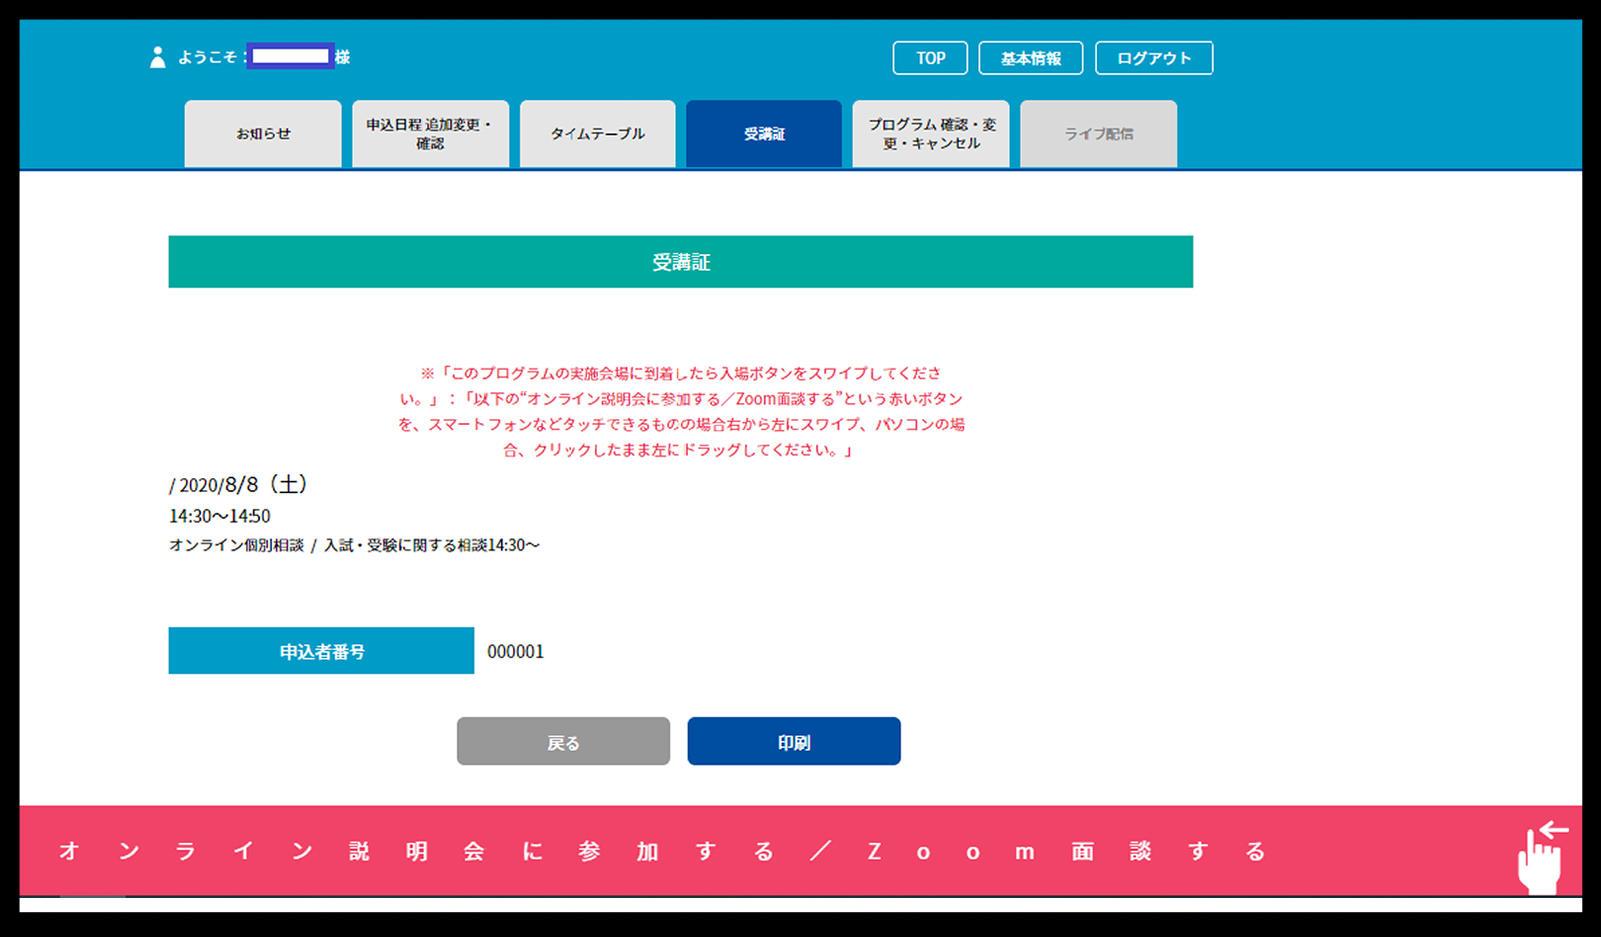 https://www.kindai.ac.jp/engineering/news/topics/_upload/b3ef857334d32627eb0fca6919dd916177590a76.jpg